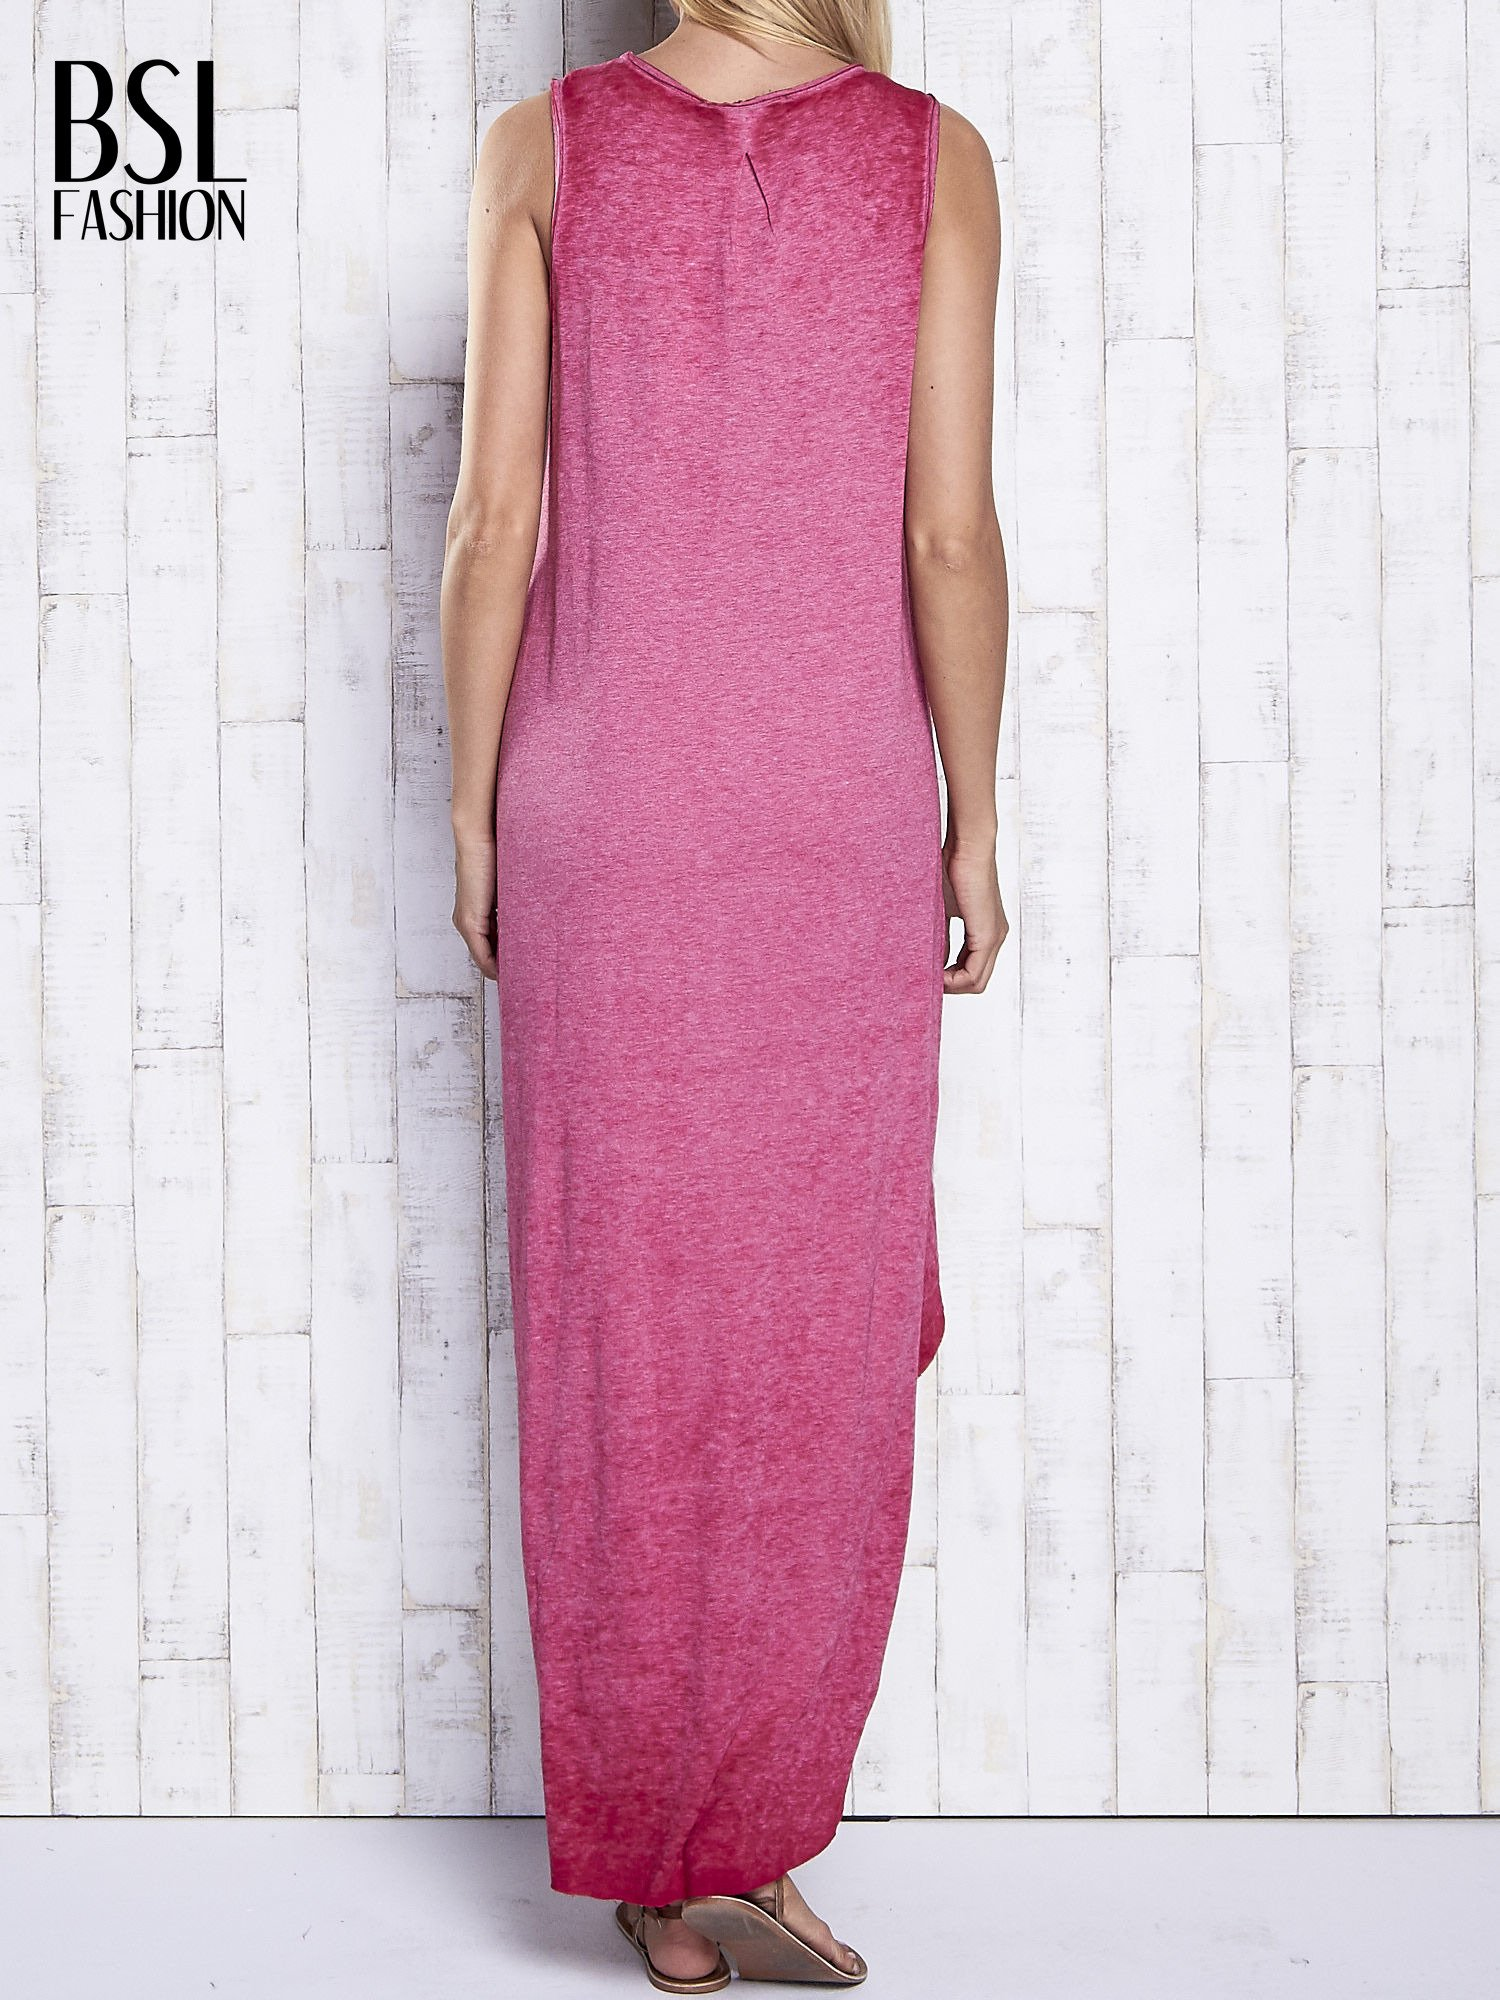 Bordowa dekatyzowana sukienka maxi z dłuższym tyłem                                  zdj.                                  4